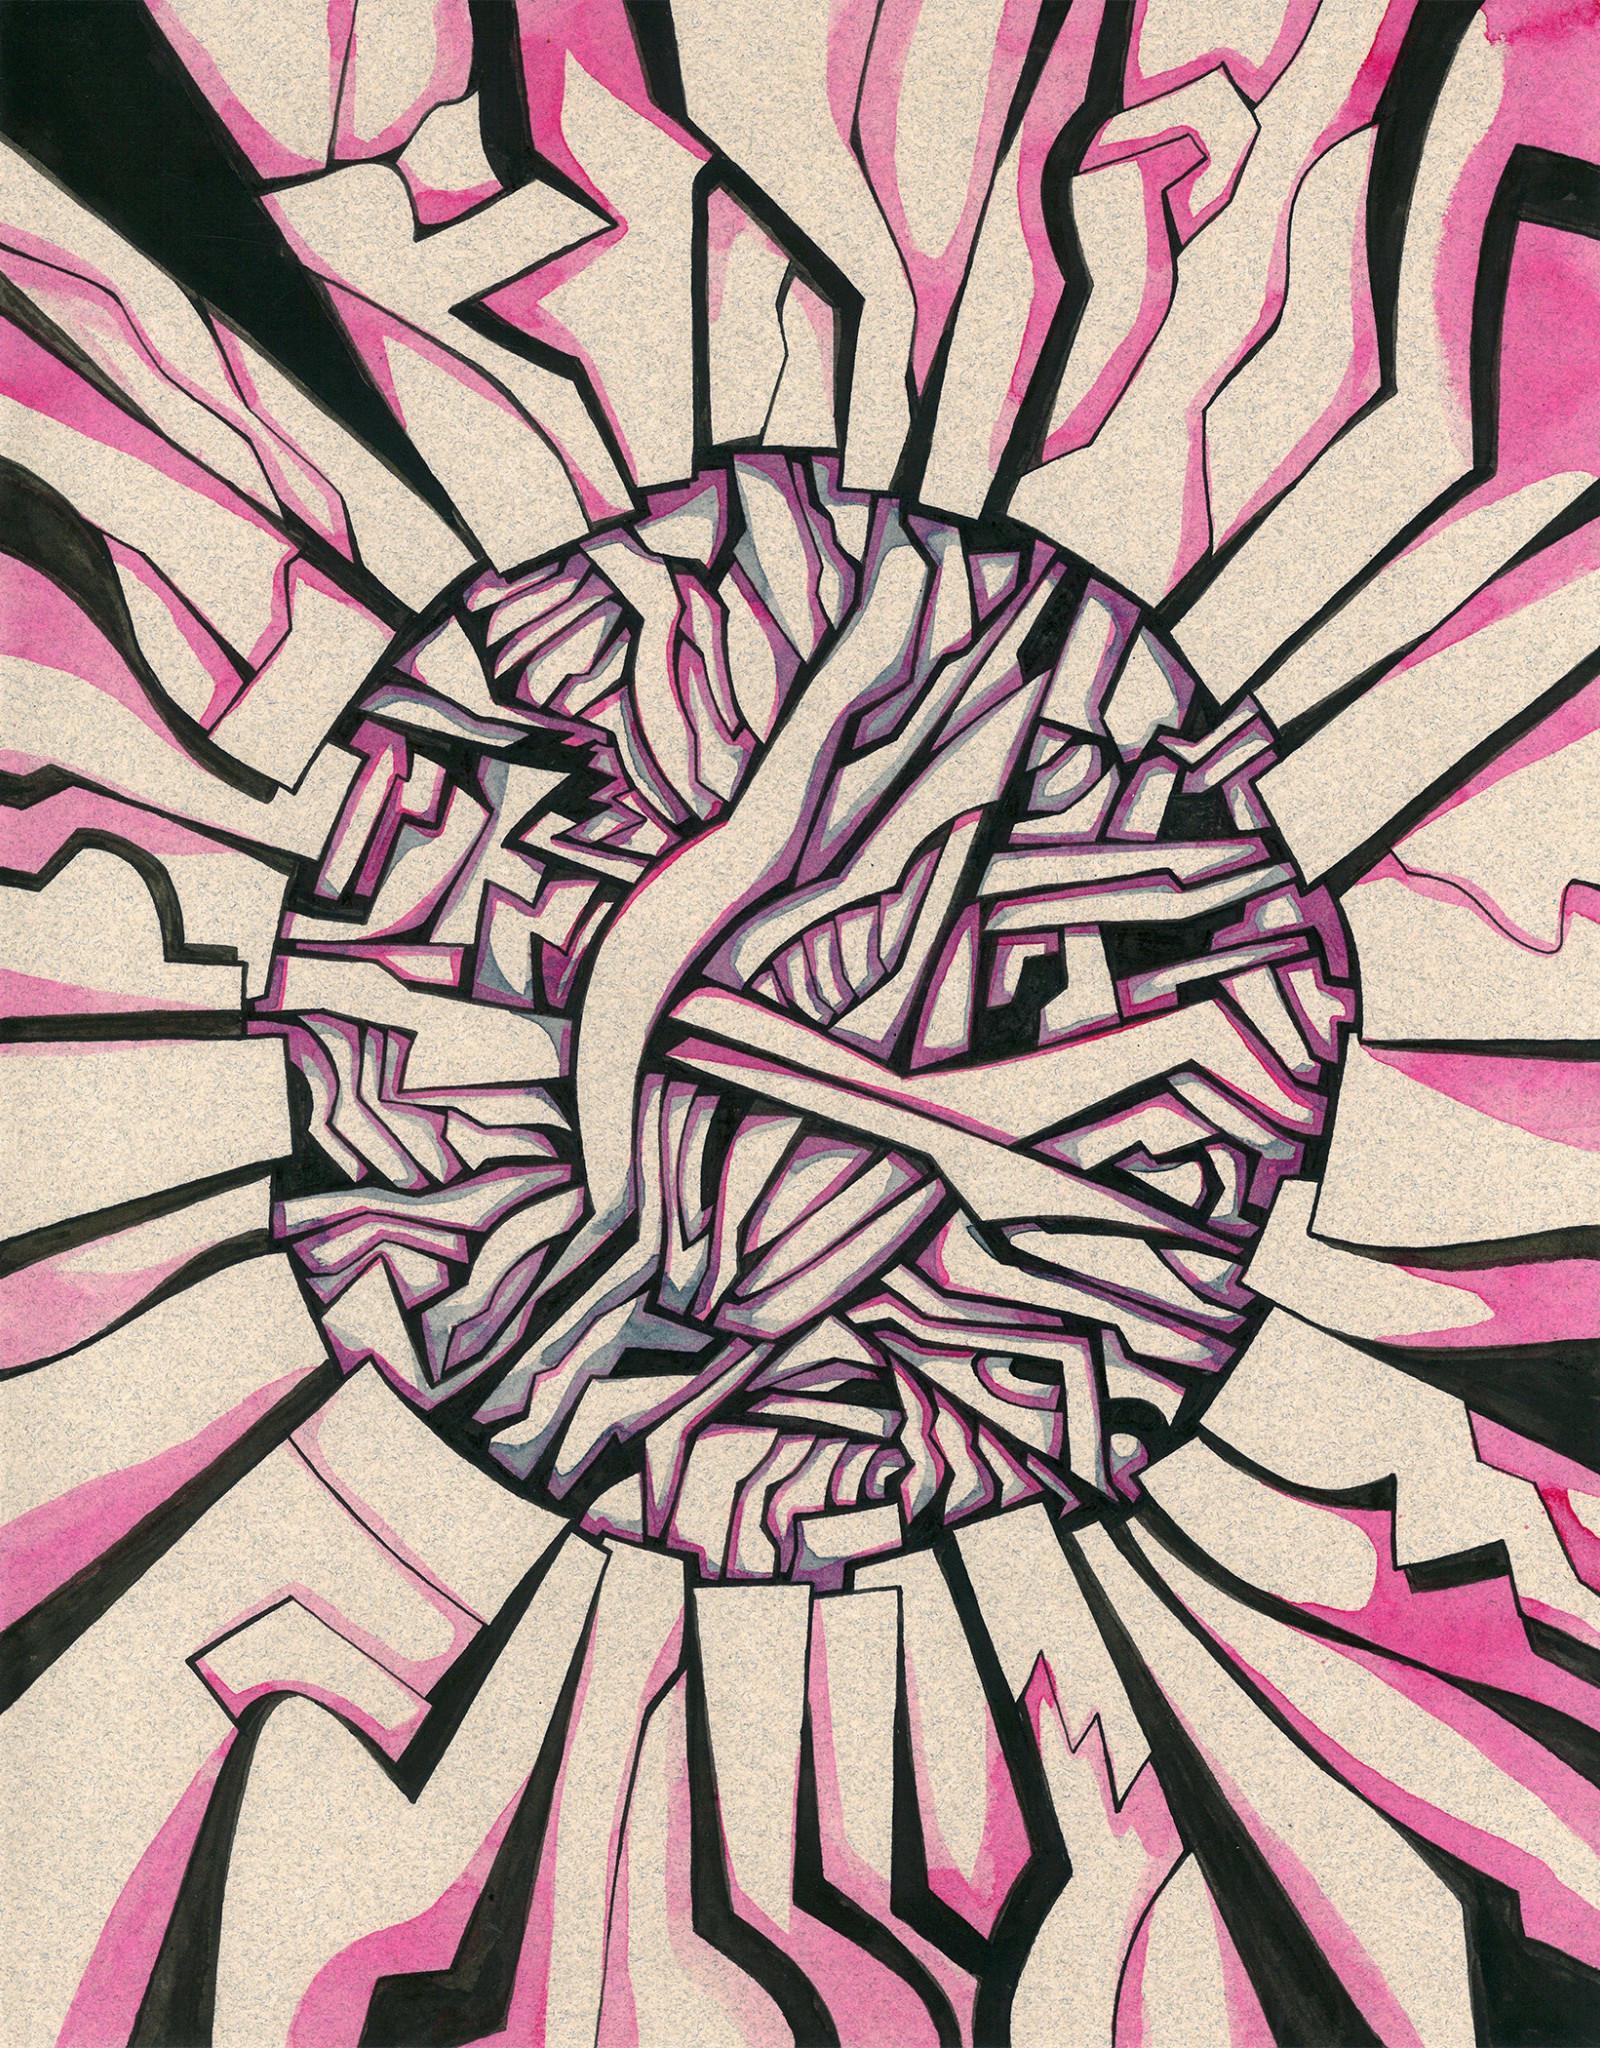 Gray Jones Radius 02 -Framed